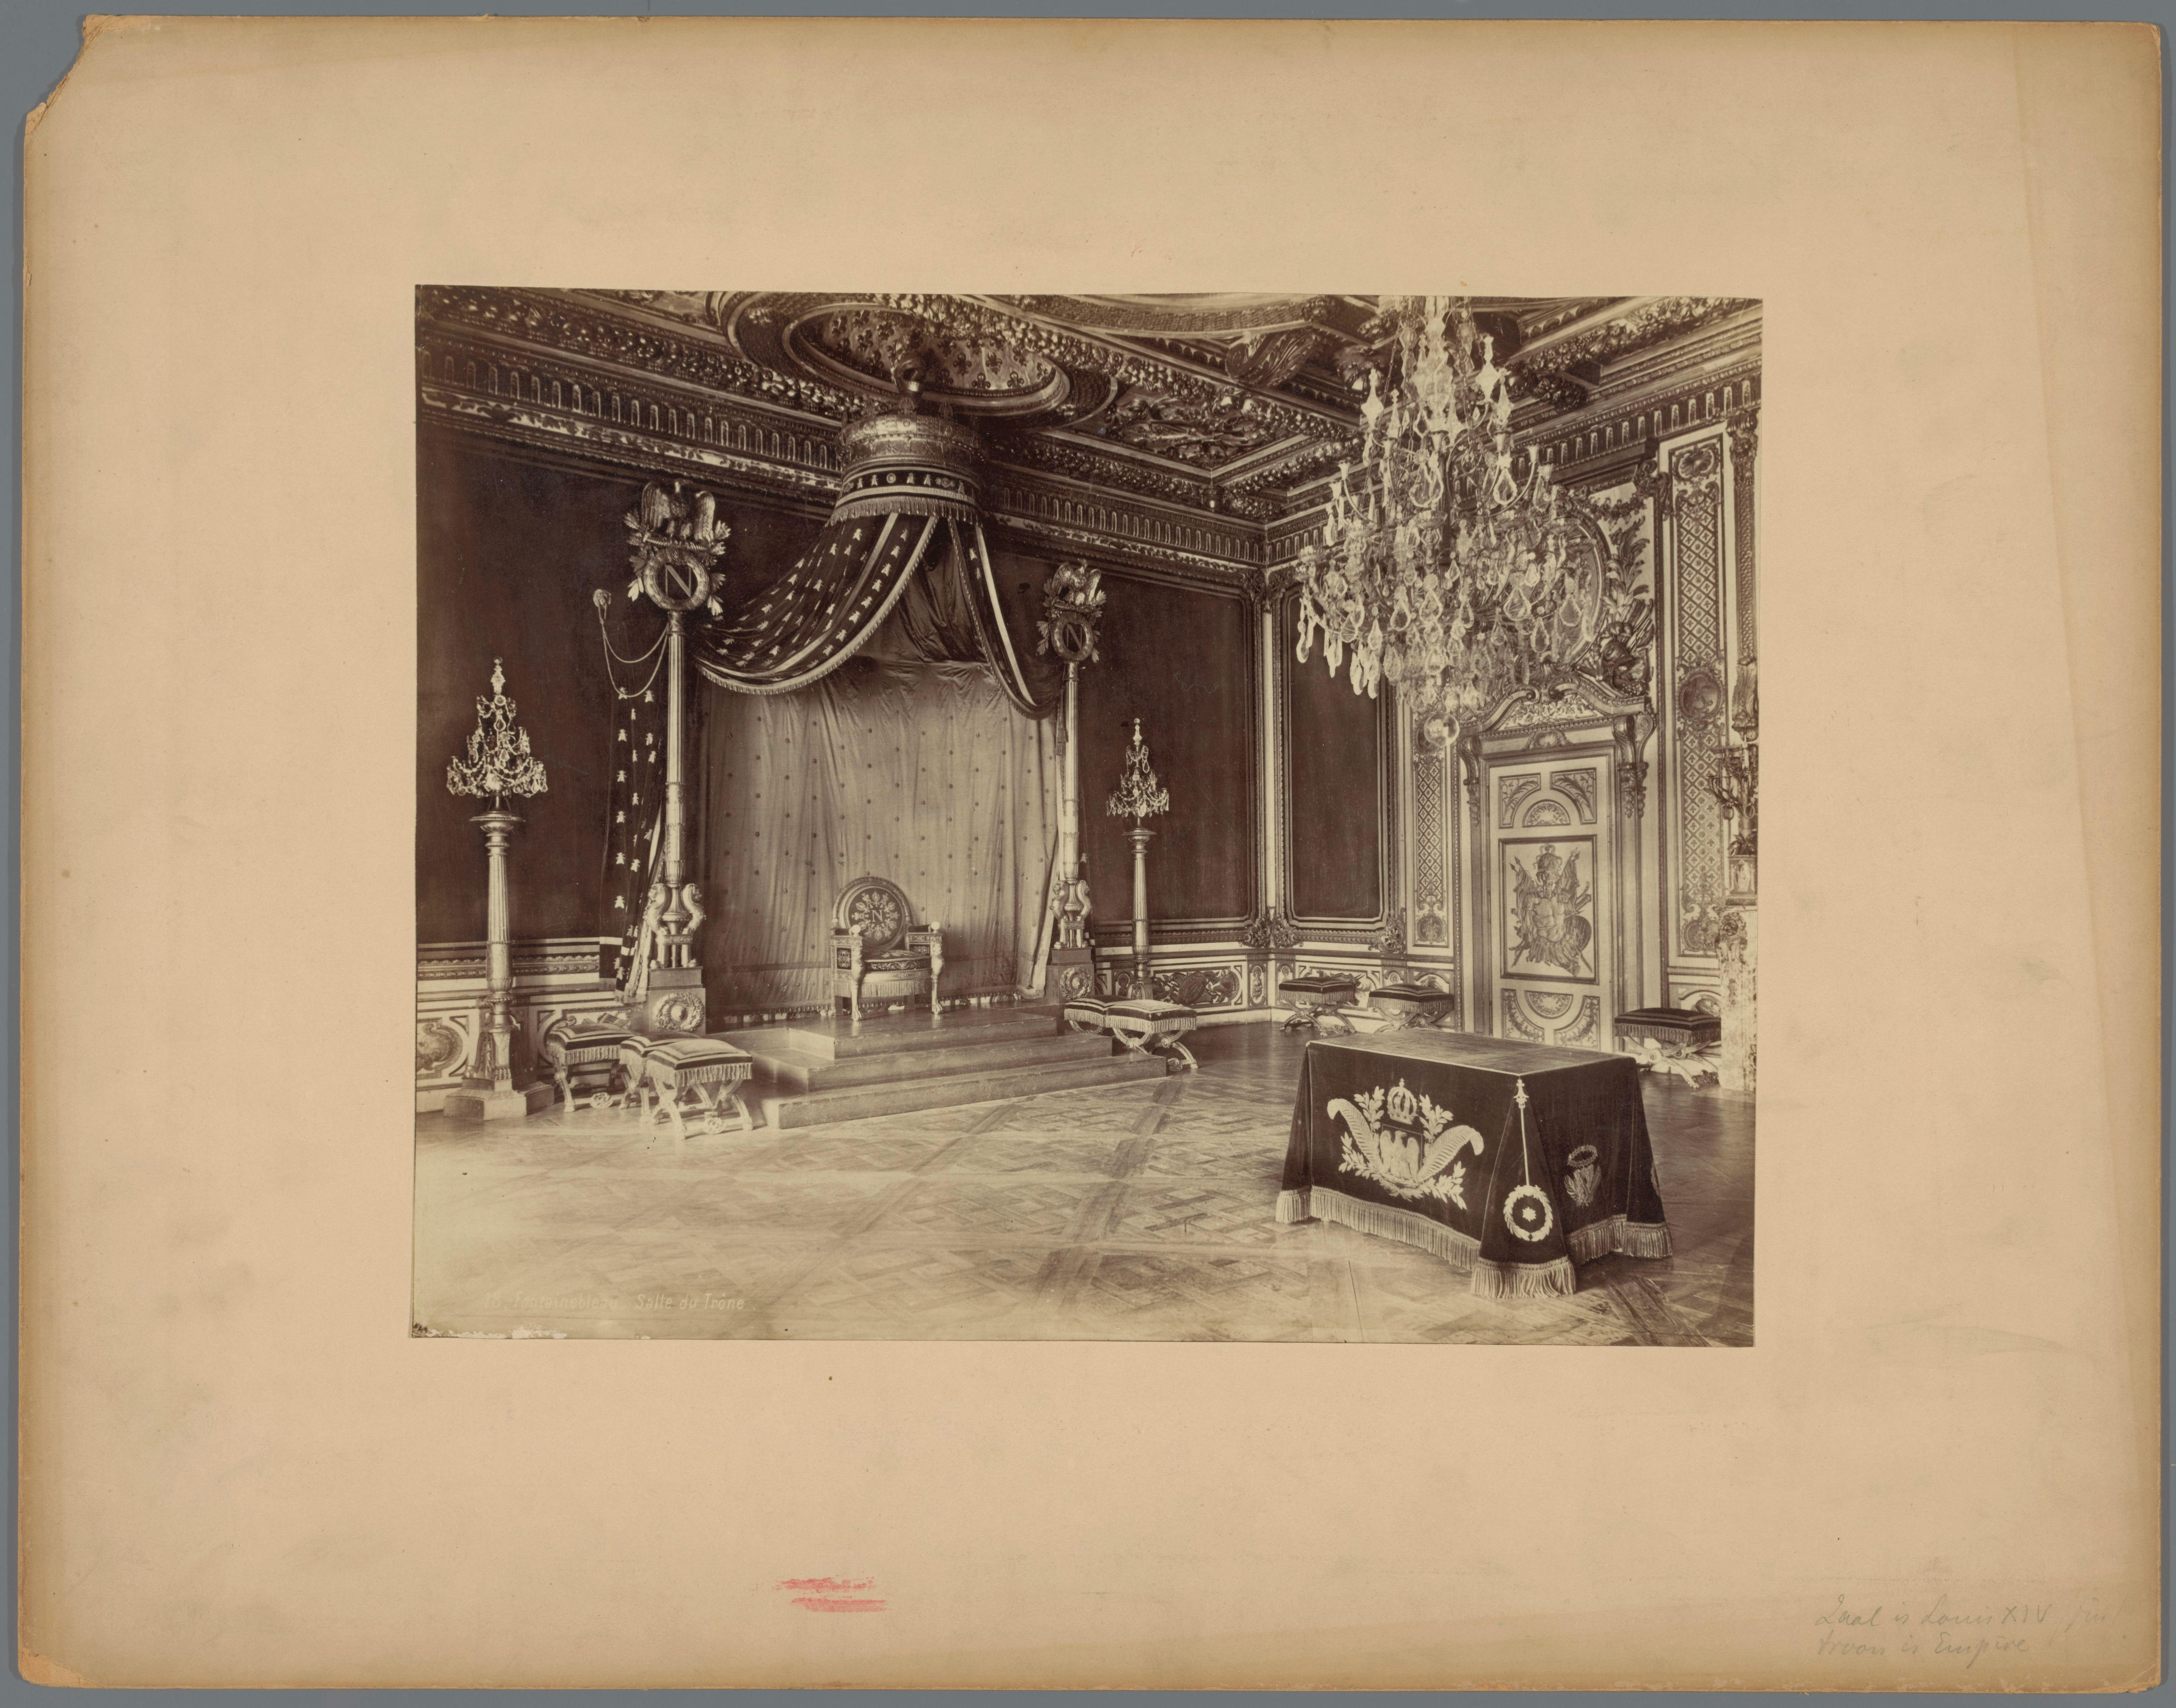 File Badkamer In Het Kasteel Van Fontainebleau Fontainebleau Salle De Bain Titel Op Object Rp F 00 8048 Jpg Wikimedia Commons